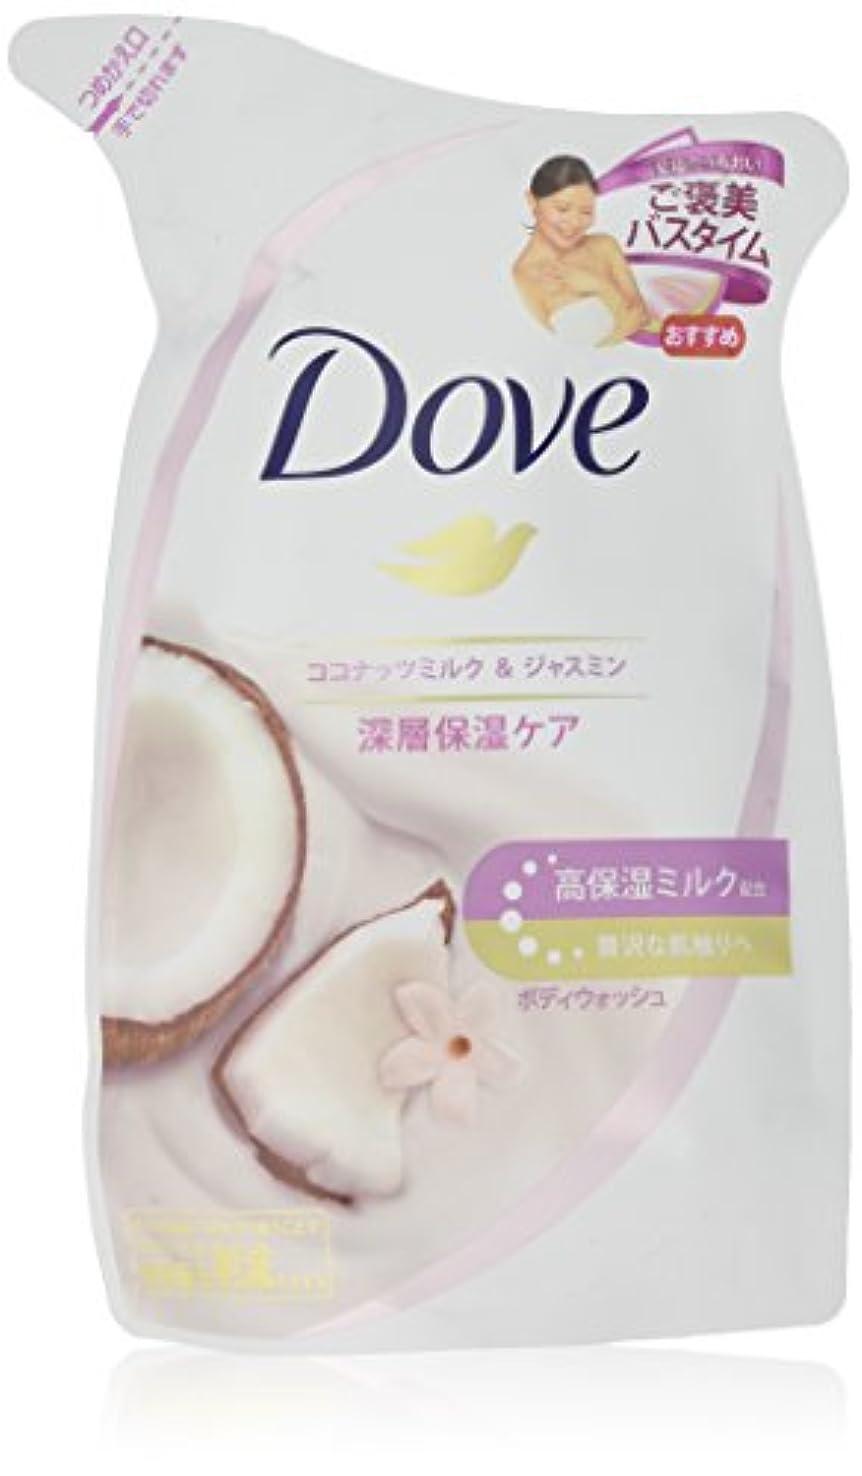 反対した条件付きそれるDove ダヴ ボディウォッシュ ココナッツミルク & ジャスミン つめかえ用 340g×4個